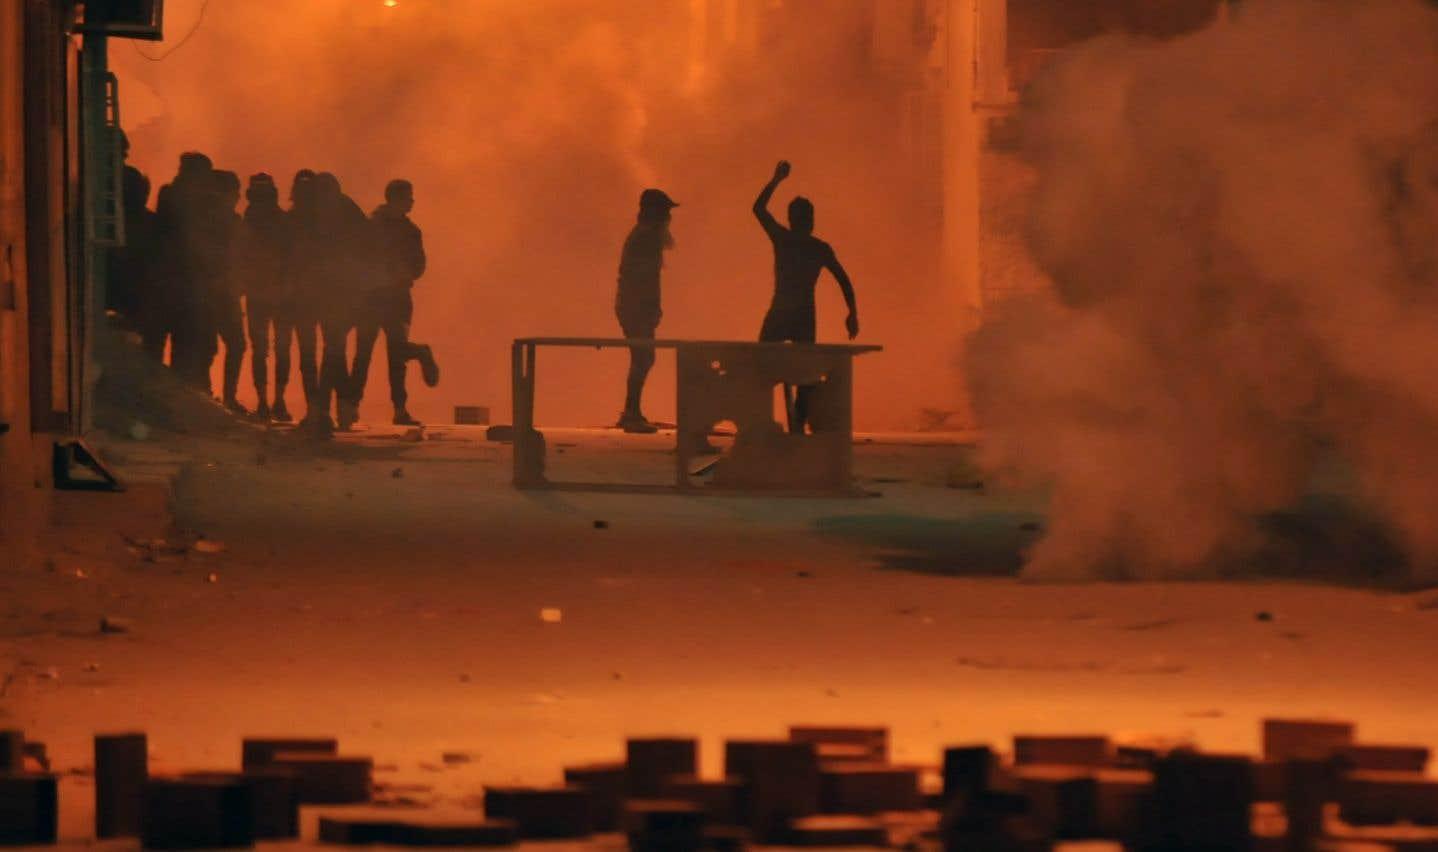 Des affrontements entre certains manifestants tunisiens et les forces de l'ordre ont éclaté dans le district de Djebel Lahmer, à Tunis, mardi.